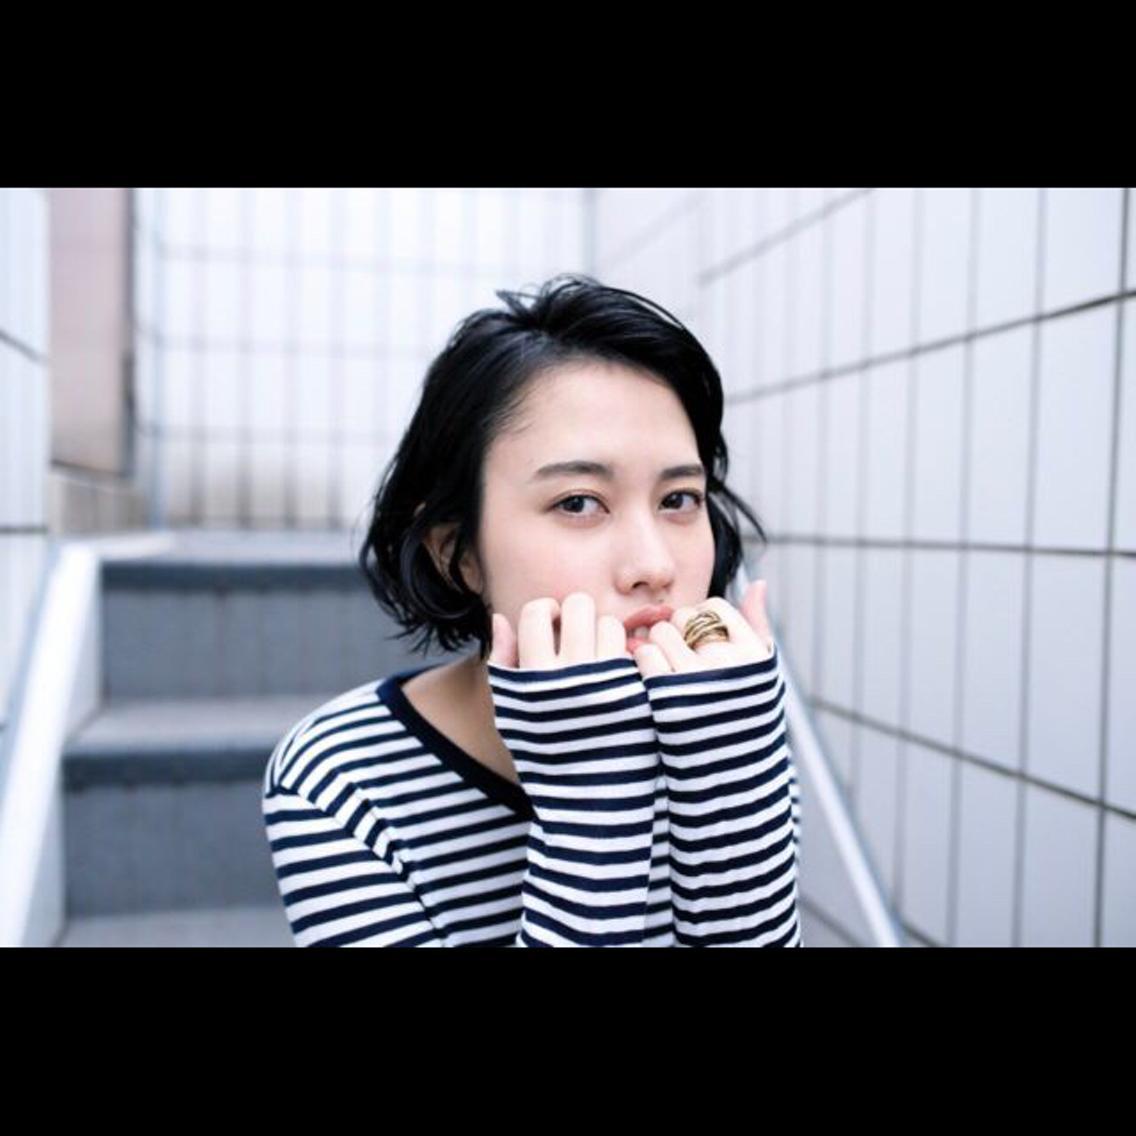 阪急高槻市駅徒歩1分! カット カラー パーマモデル募集中!